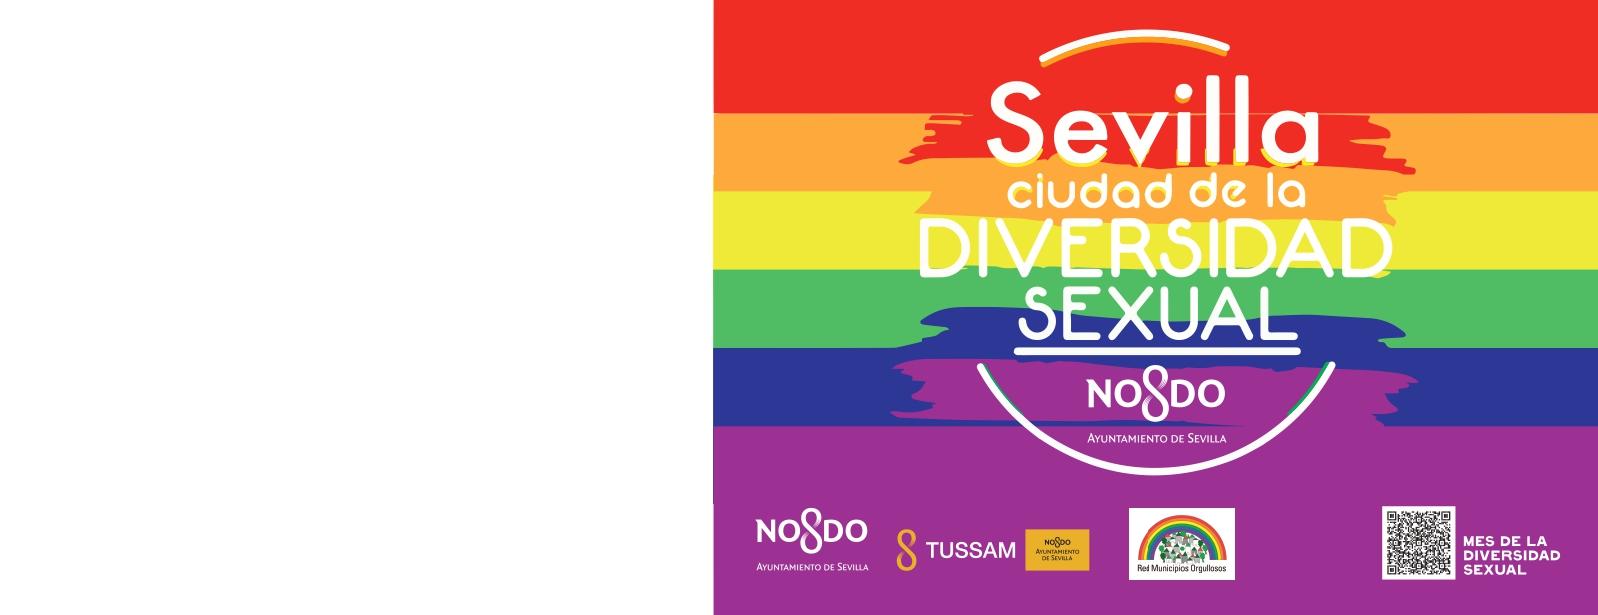 Junio es el Mes de la Diversidad Sexual 2021, para concienciar acerca de los derechos de las personas LGTBI.